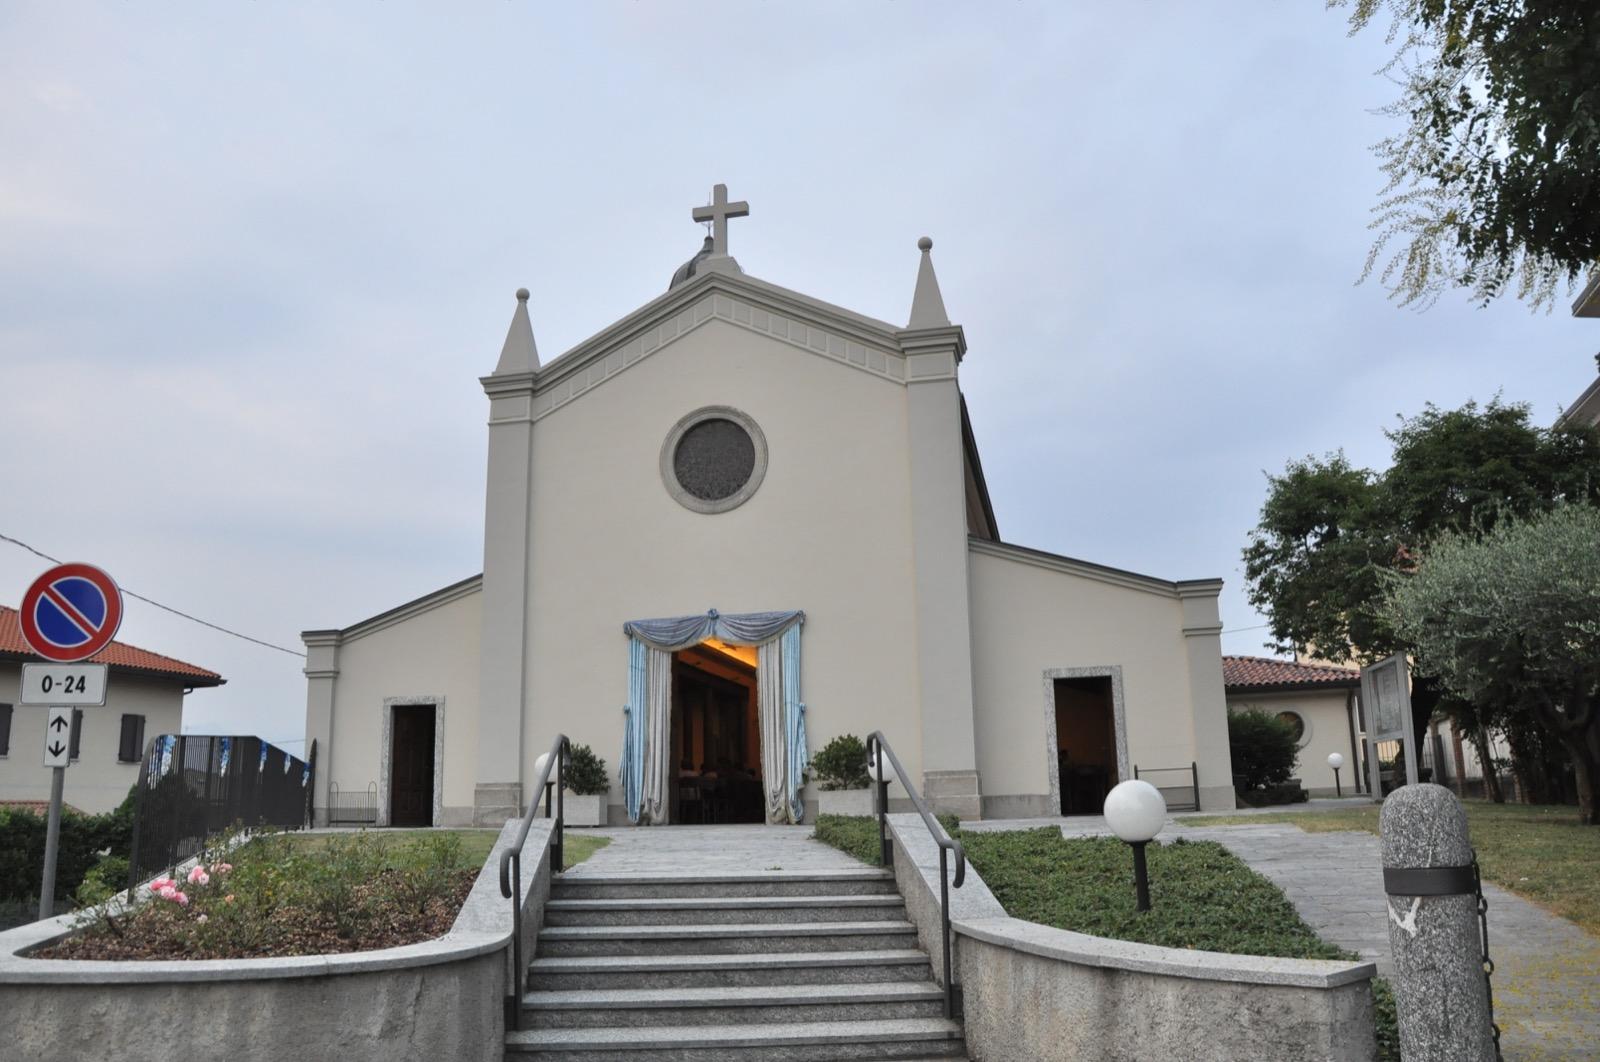 Madonna della Carreggia